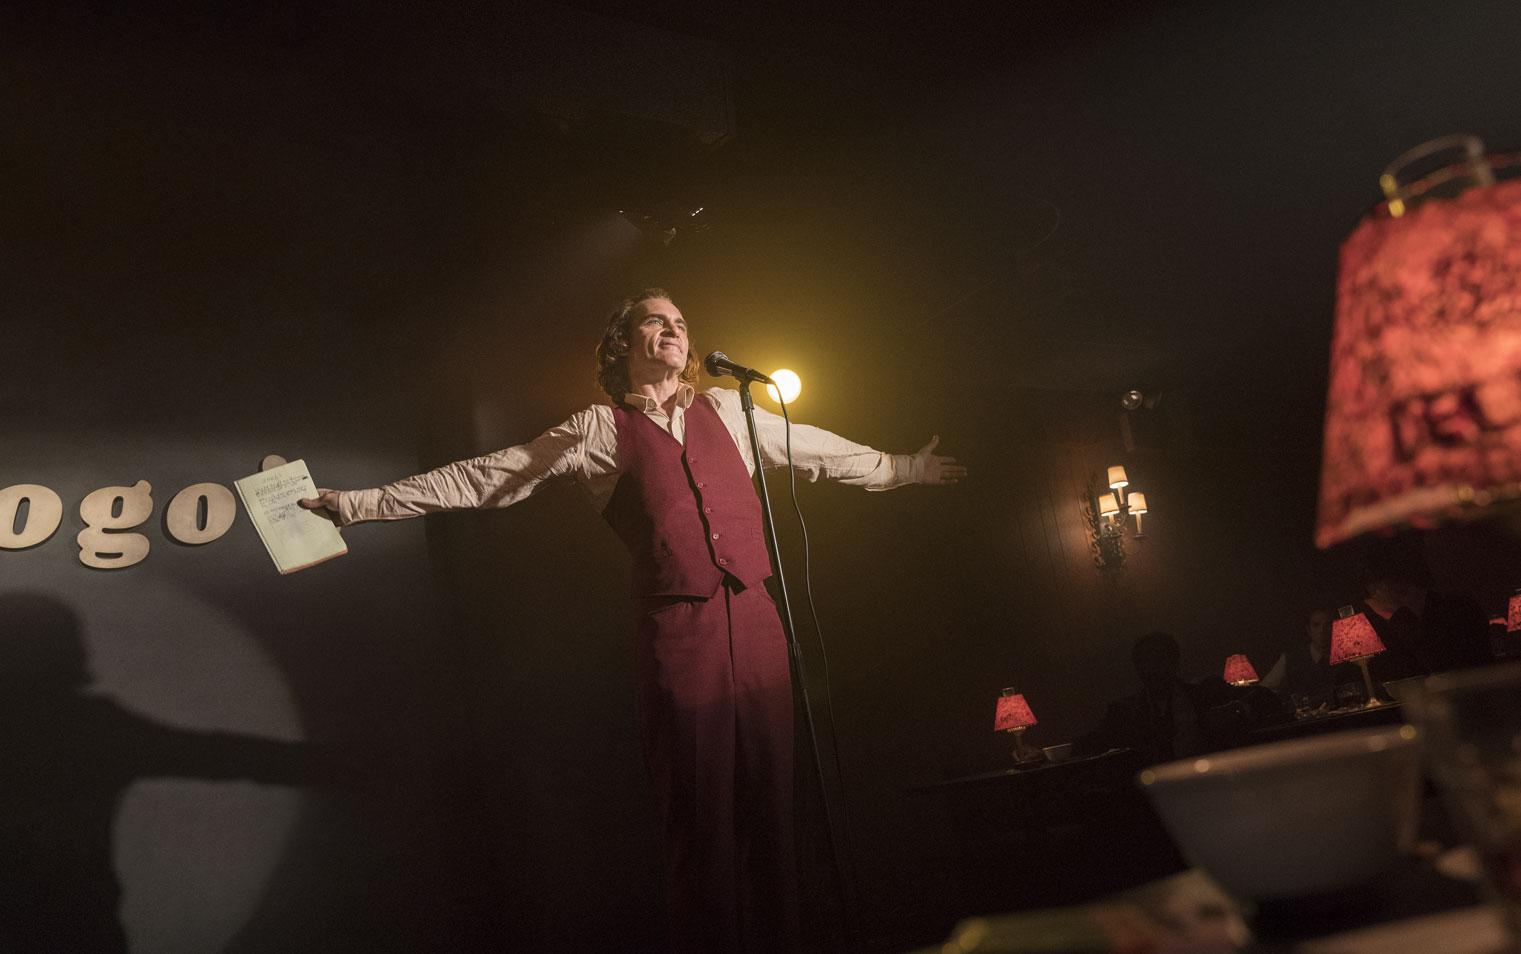 Film still from Joker of Arthur Fleck (Joaquin Phoenix) at comedy club